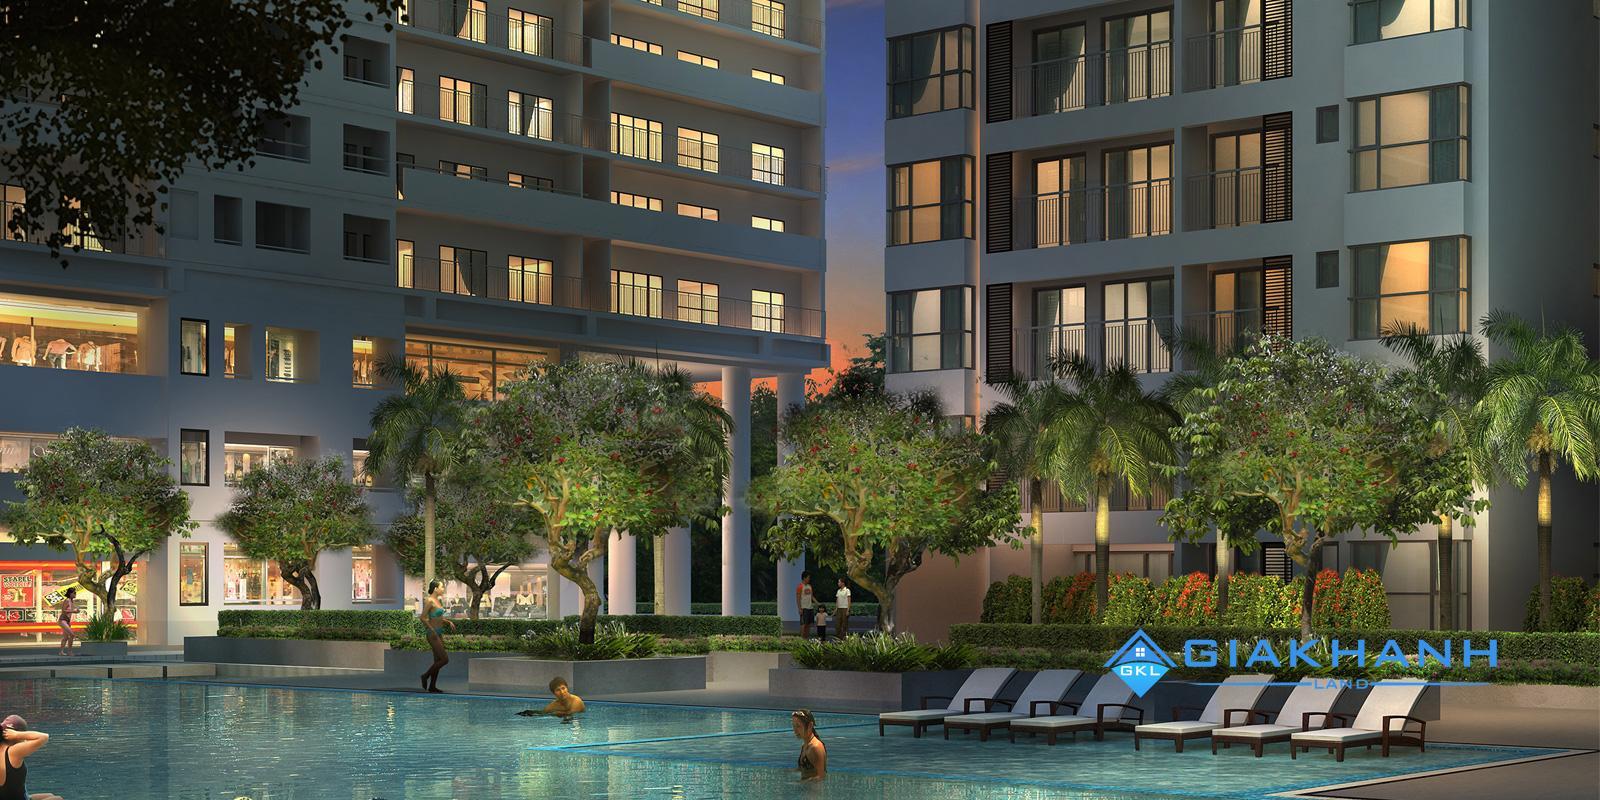 Hưng Phát Silver Star khu căn hộ căn hộ nghỉ dưỡng khu công viên